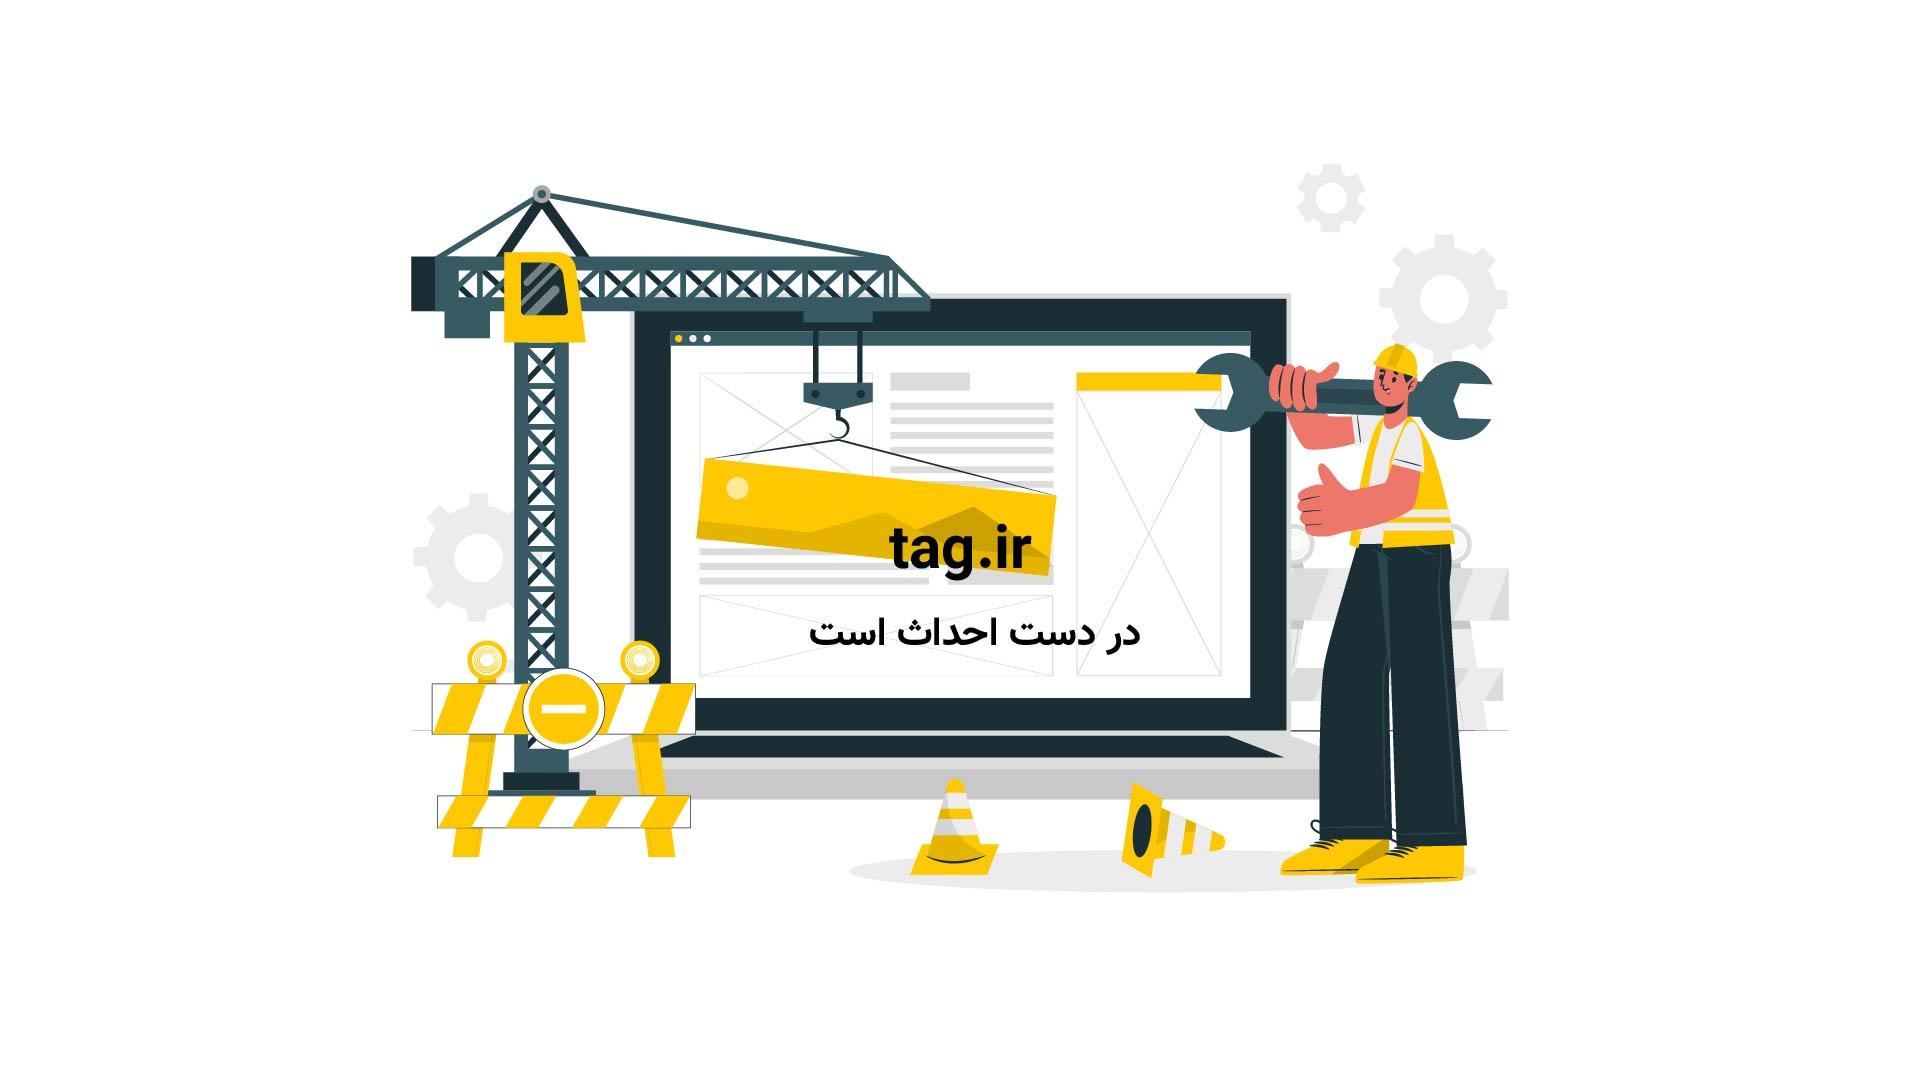 هویت دو تروریست پل لندن و مارکت بورو مشخص شد | فیلم